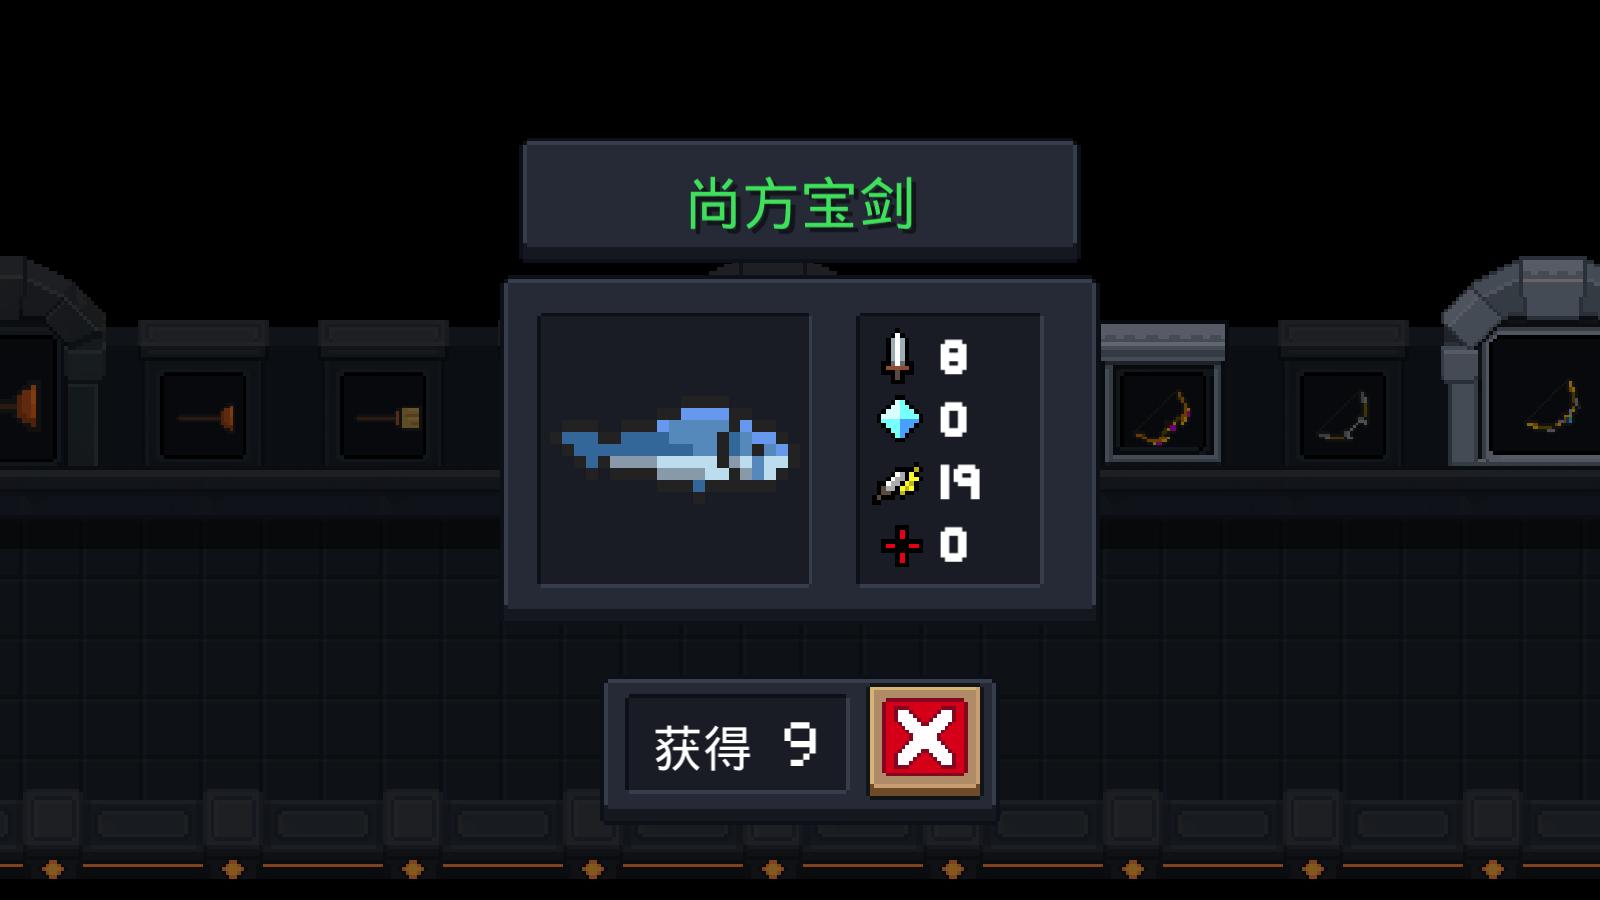 《元气骑士》武器尚方宝剑图鉴